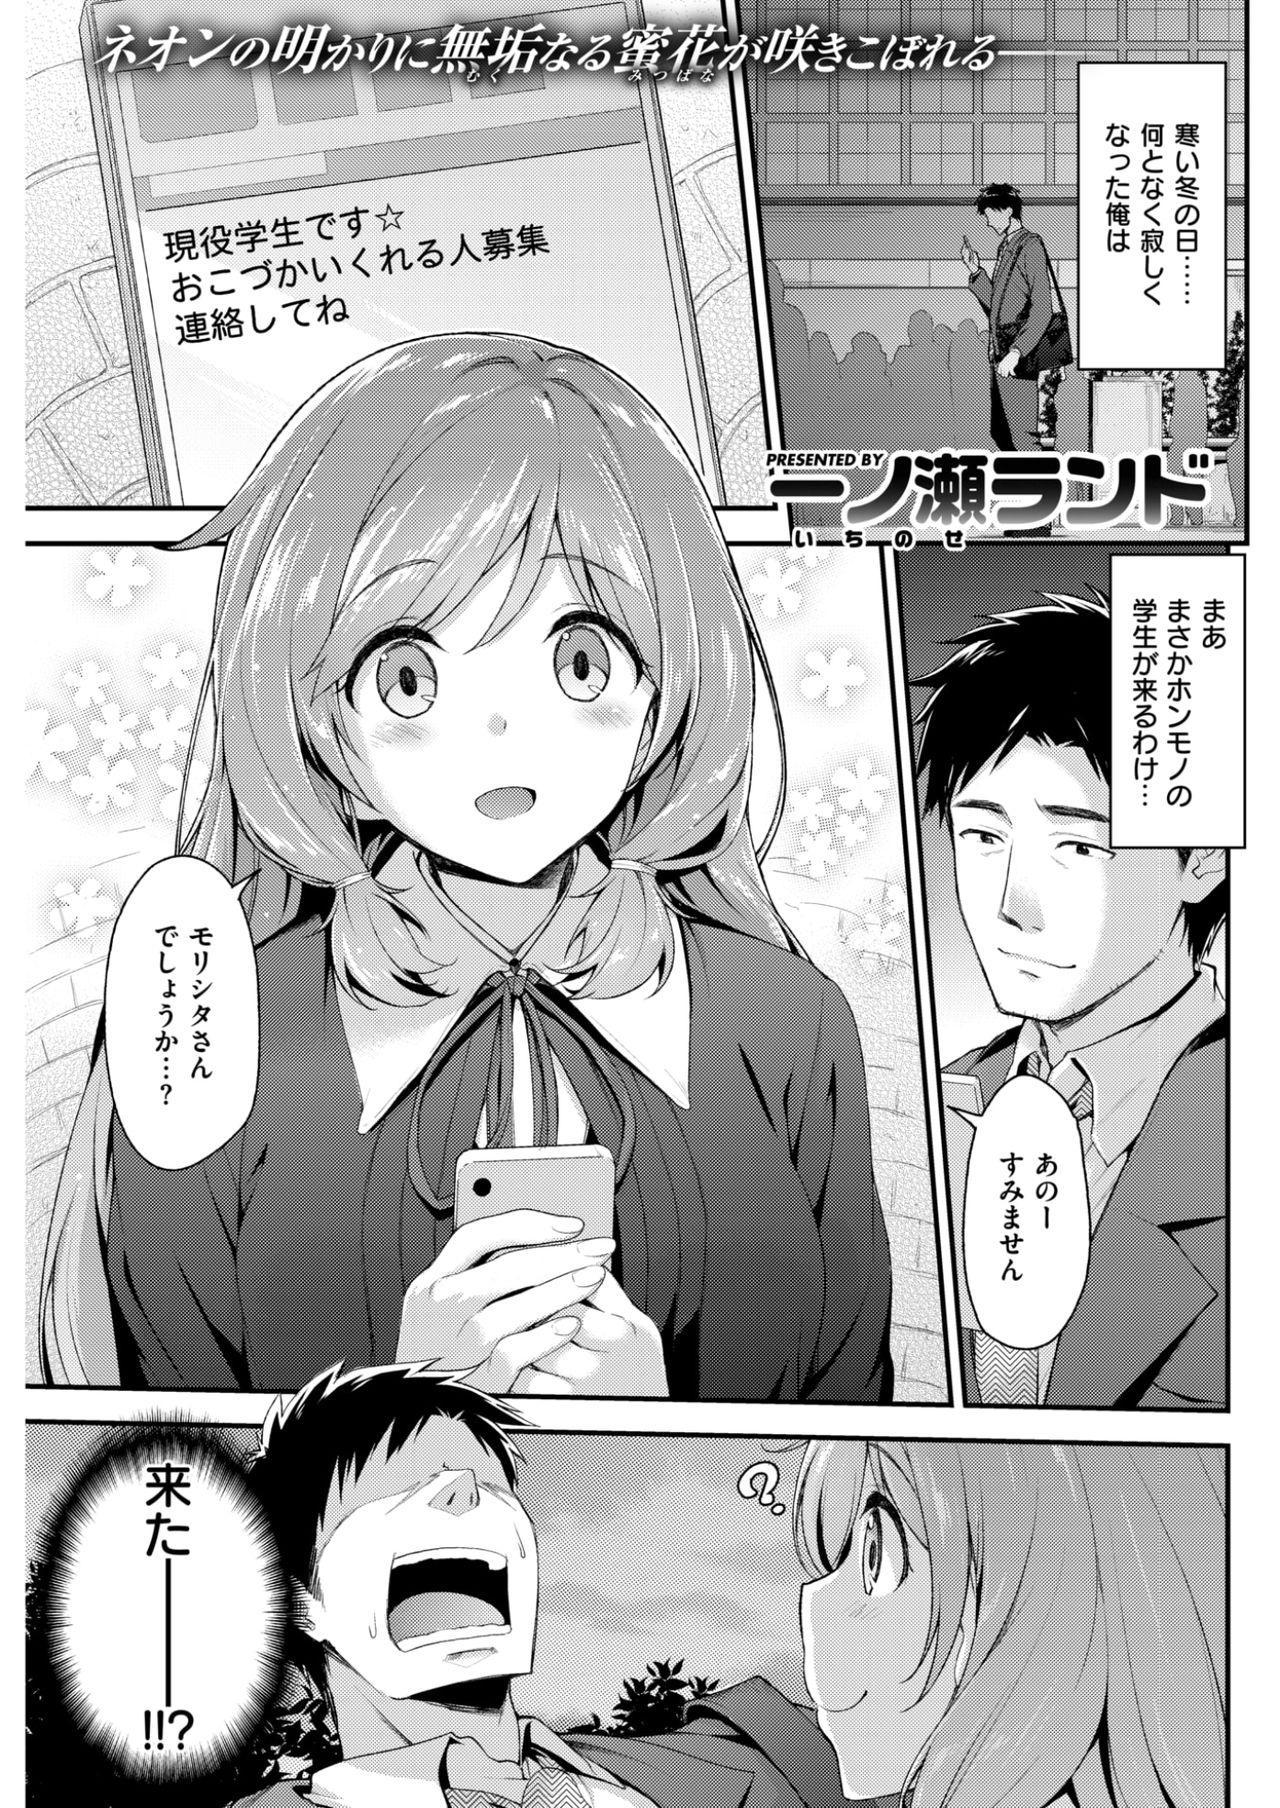 COMIC Kairakuten BEAST 2017-04 115